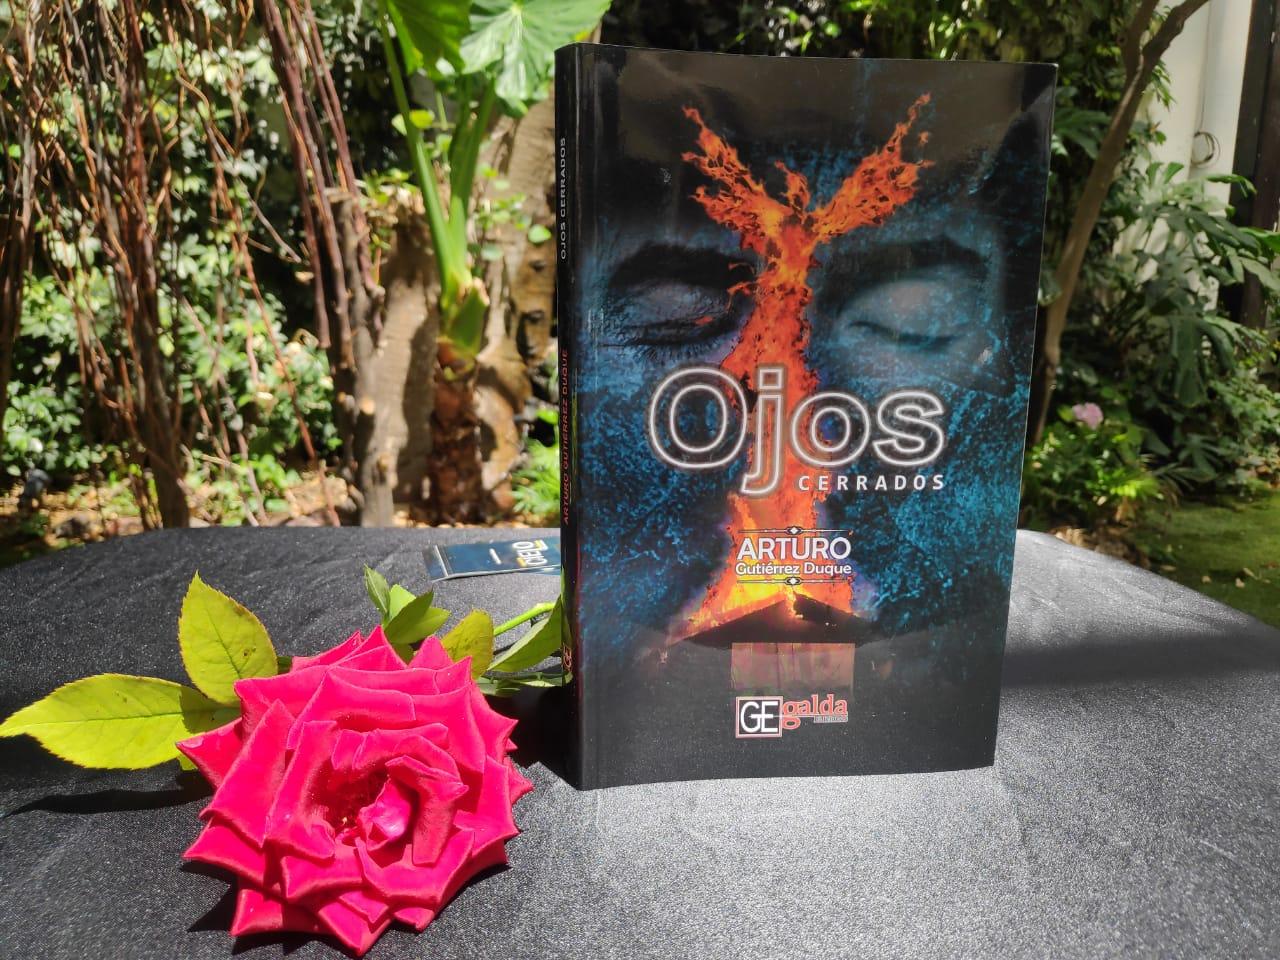 OJOS CERRADOS, LA PRIMERA NOVELA SOBRE EL COVID-19